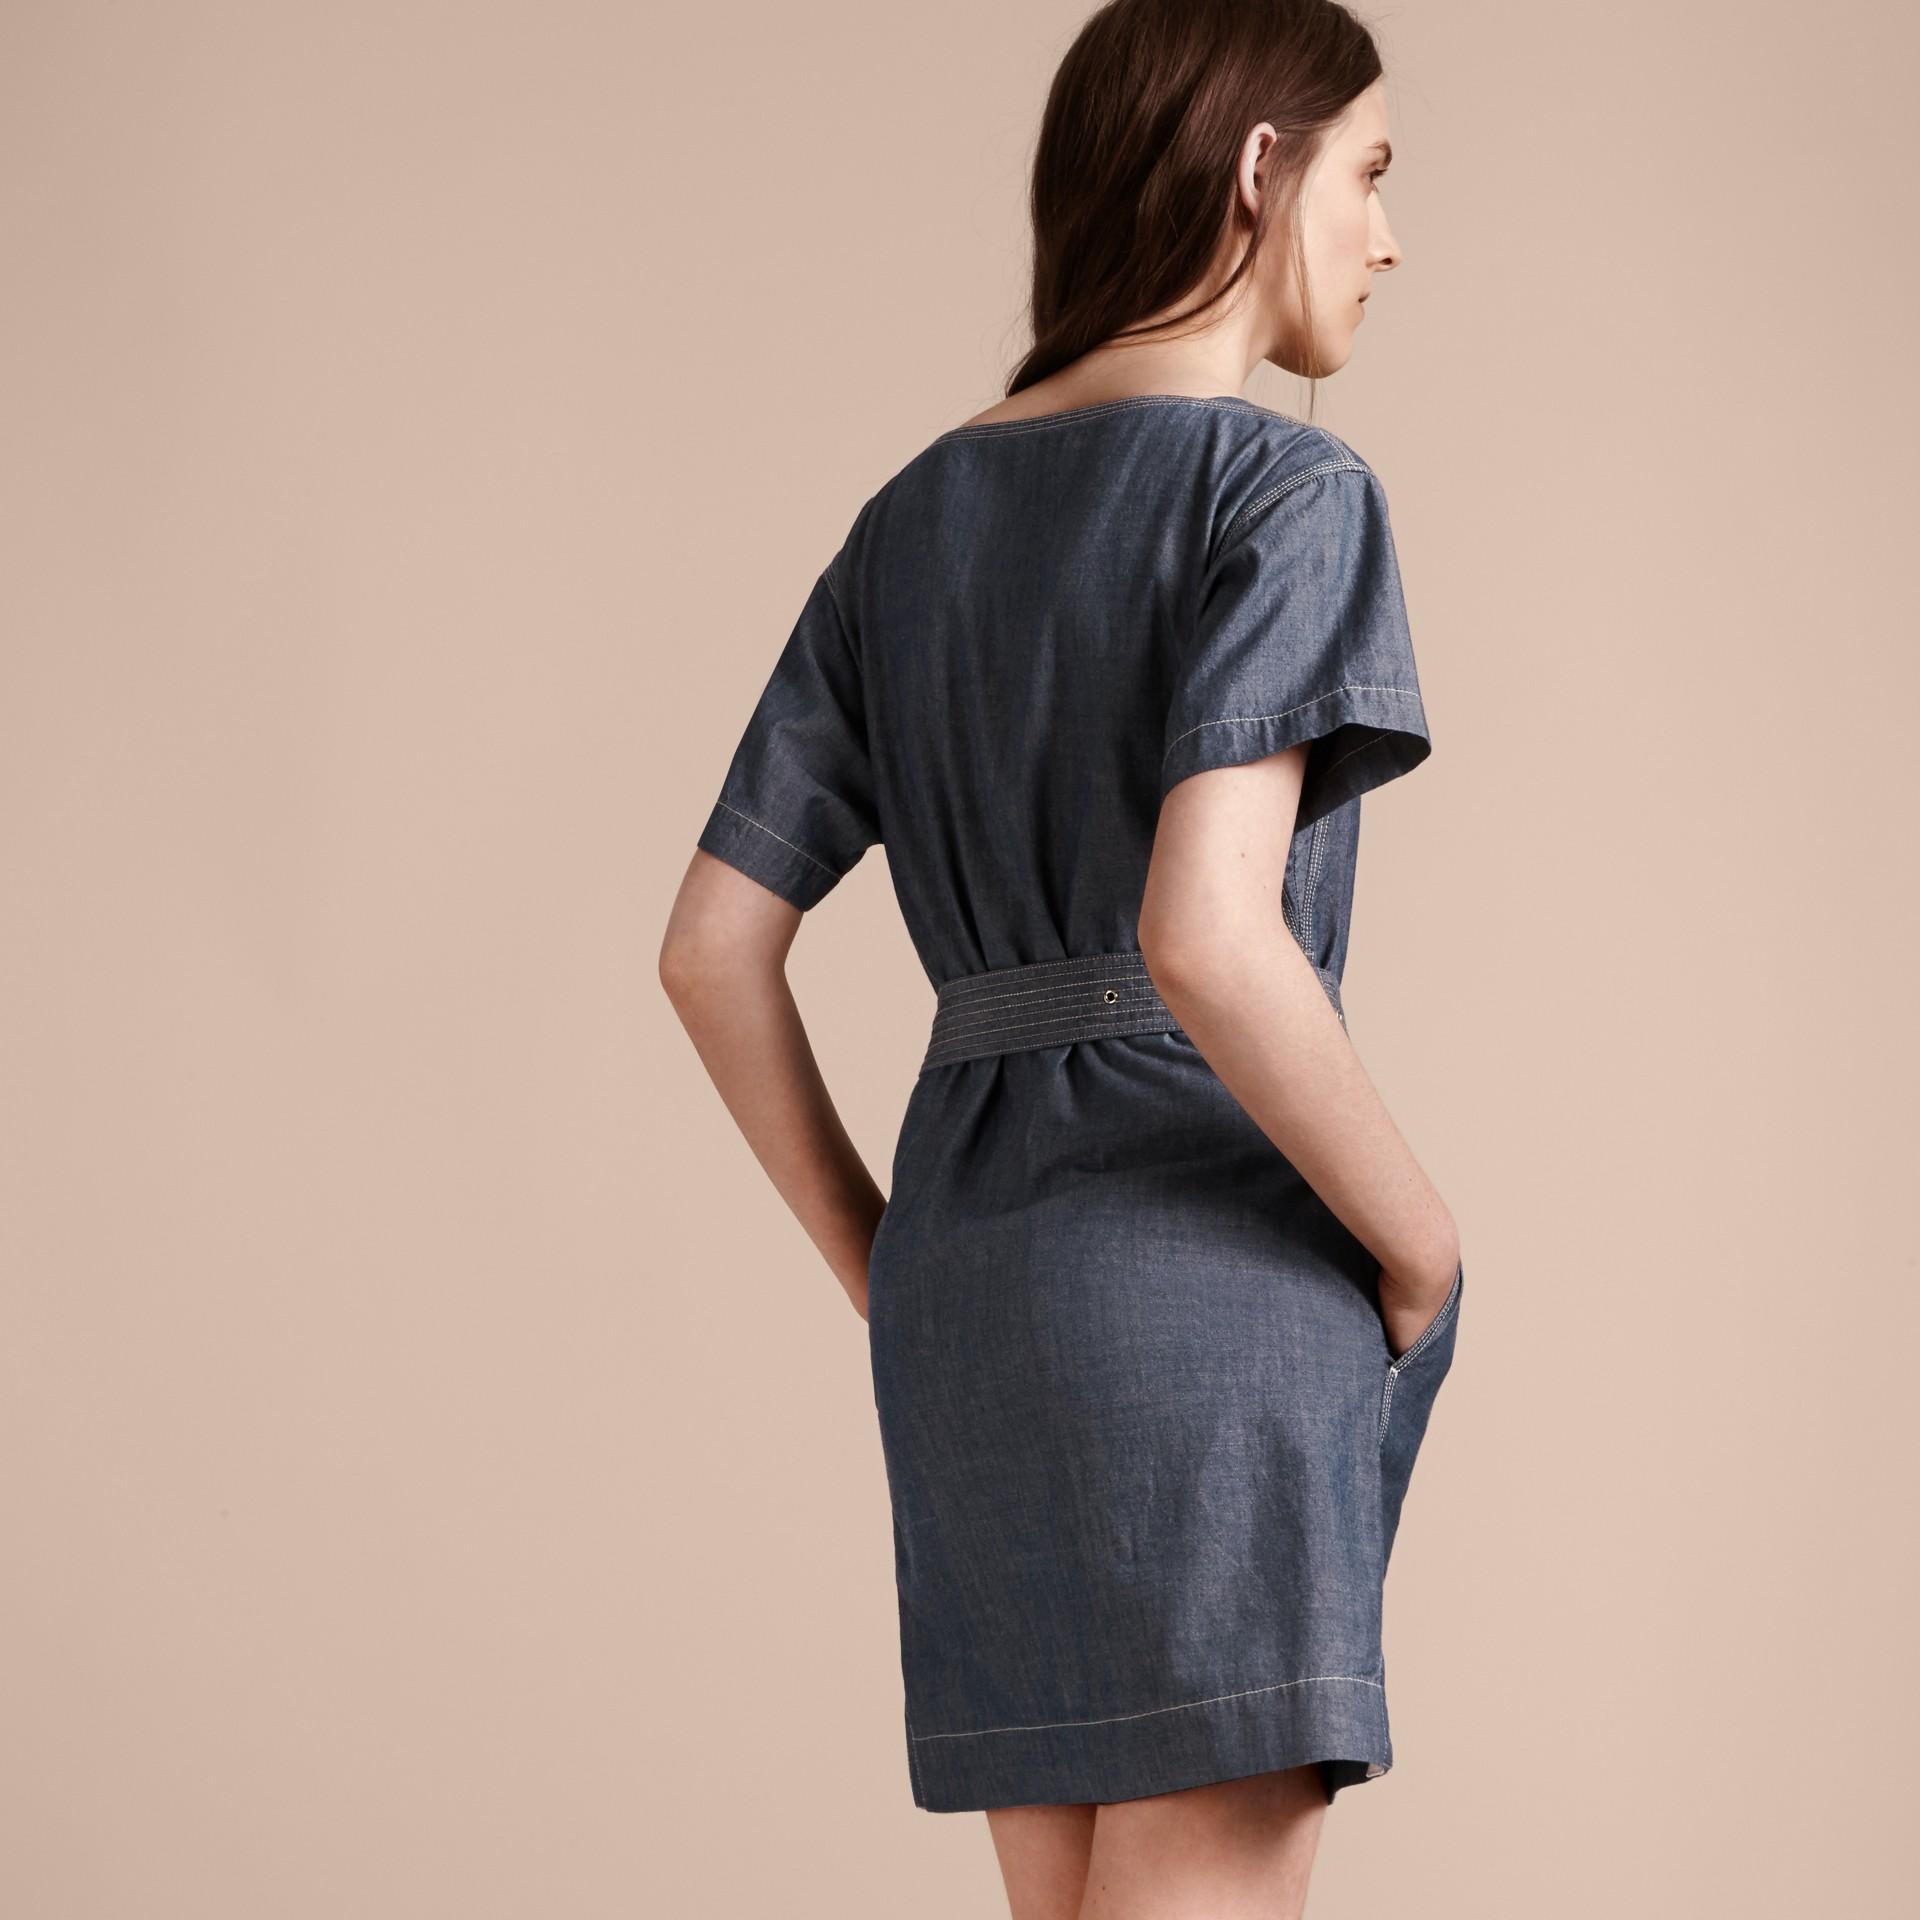 라이트 인디고 벨트 쇼트 슬리브 샴브레이 코튼 드레스 - 갤러리 이미지 3